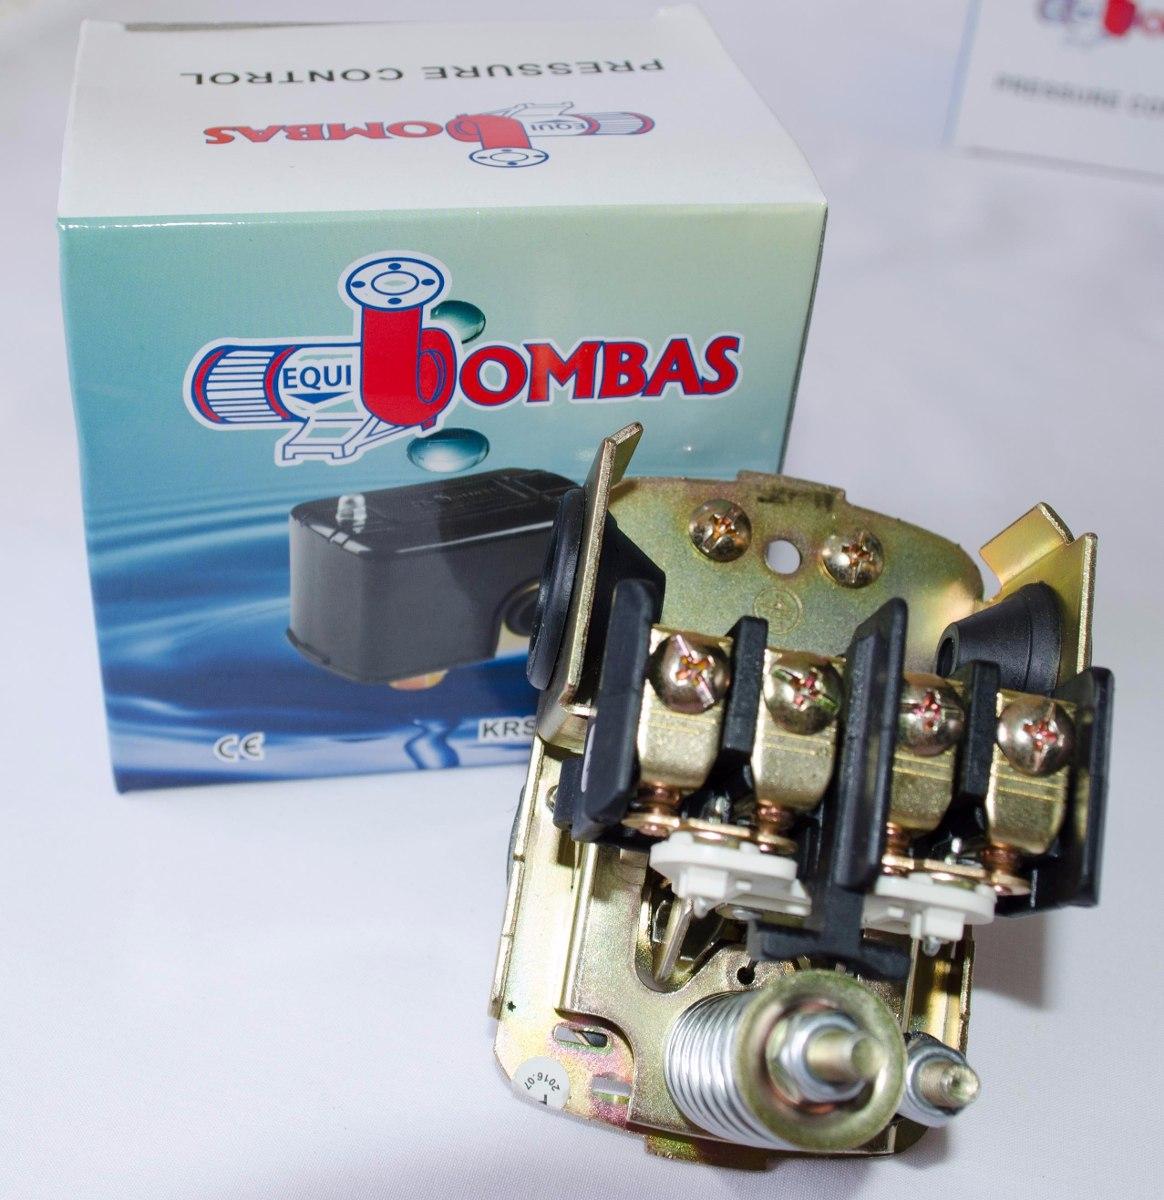 Presostato para hidroneum tico y bombas 60 80 psi bs 23 for Presostato bomba agua